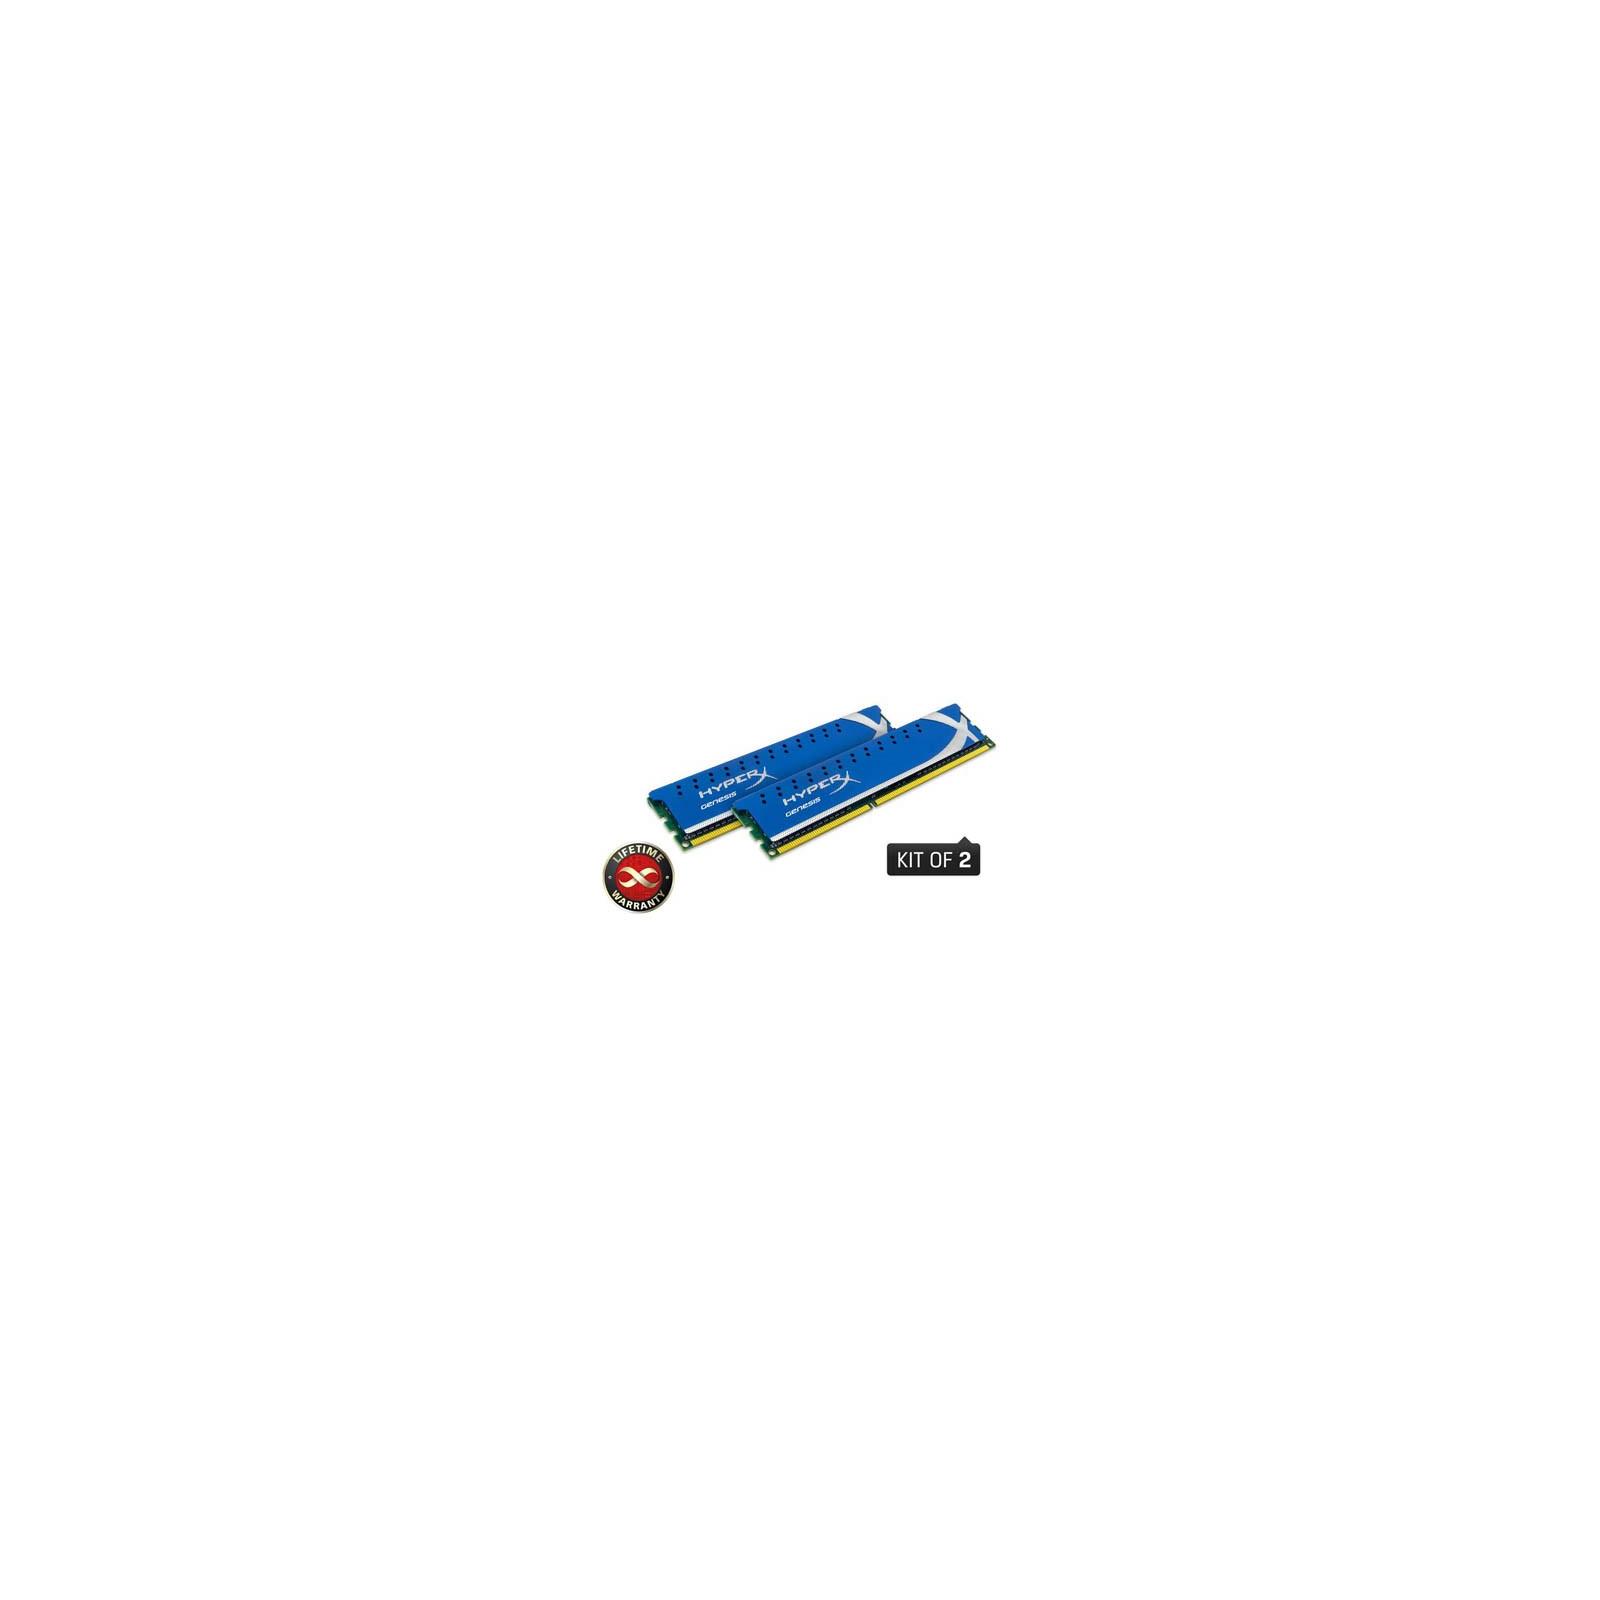 Модуль памяти для компьютера DDR3 8GB (2x4GB) 1600 MHz Kingston (KHX1600C9D3K2/8GX / KHX1600C9D3K2/8G)